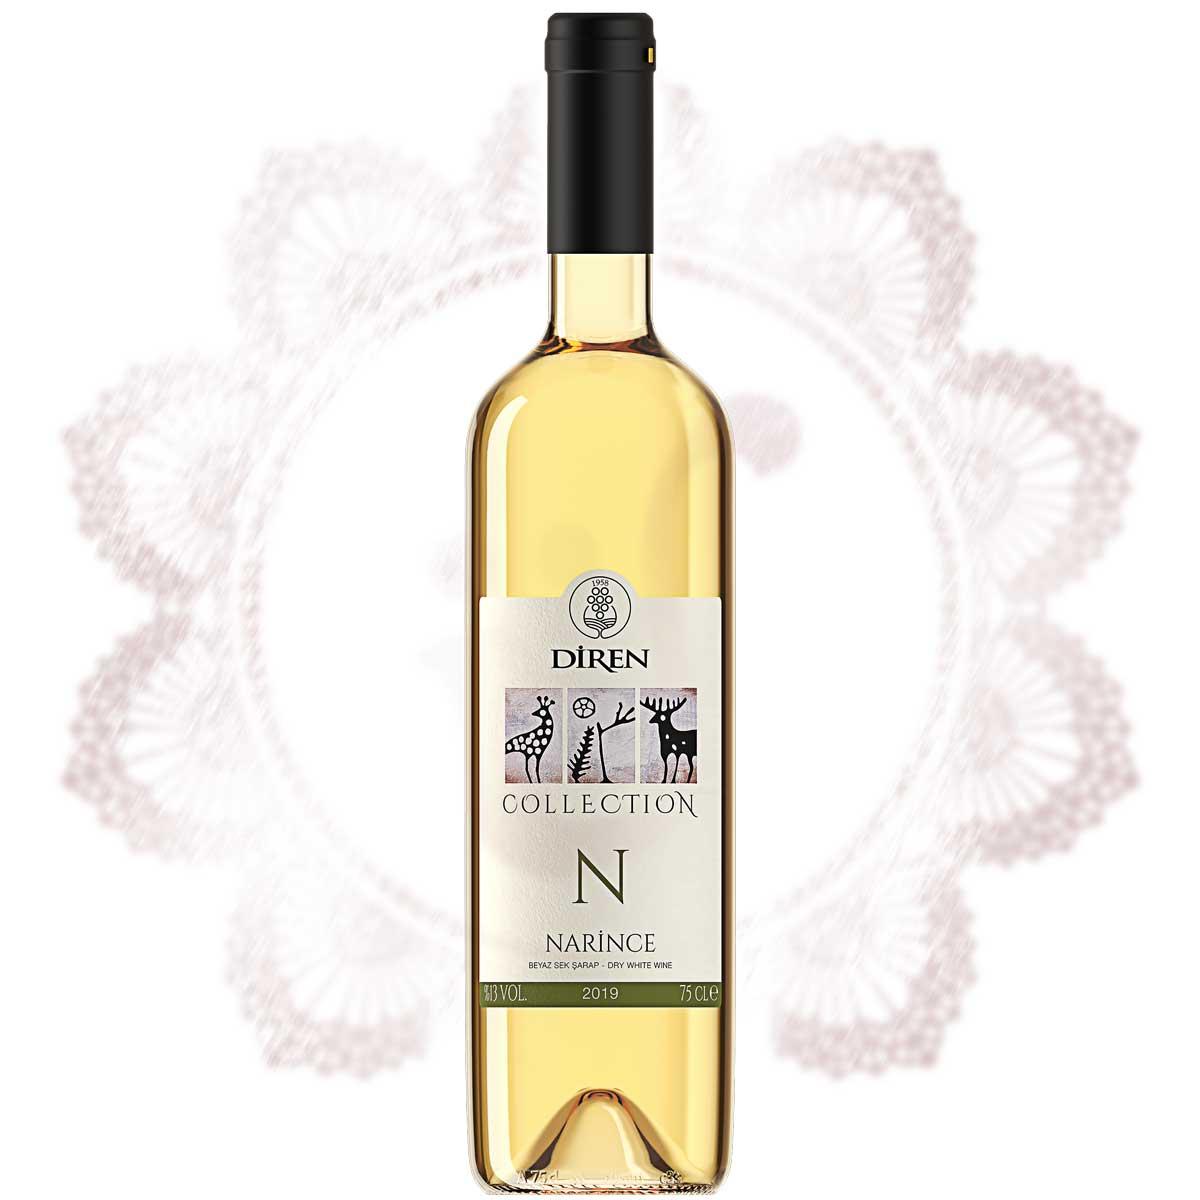 Diren Narince - Collection weisswein